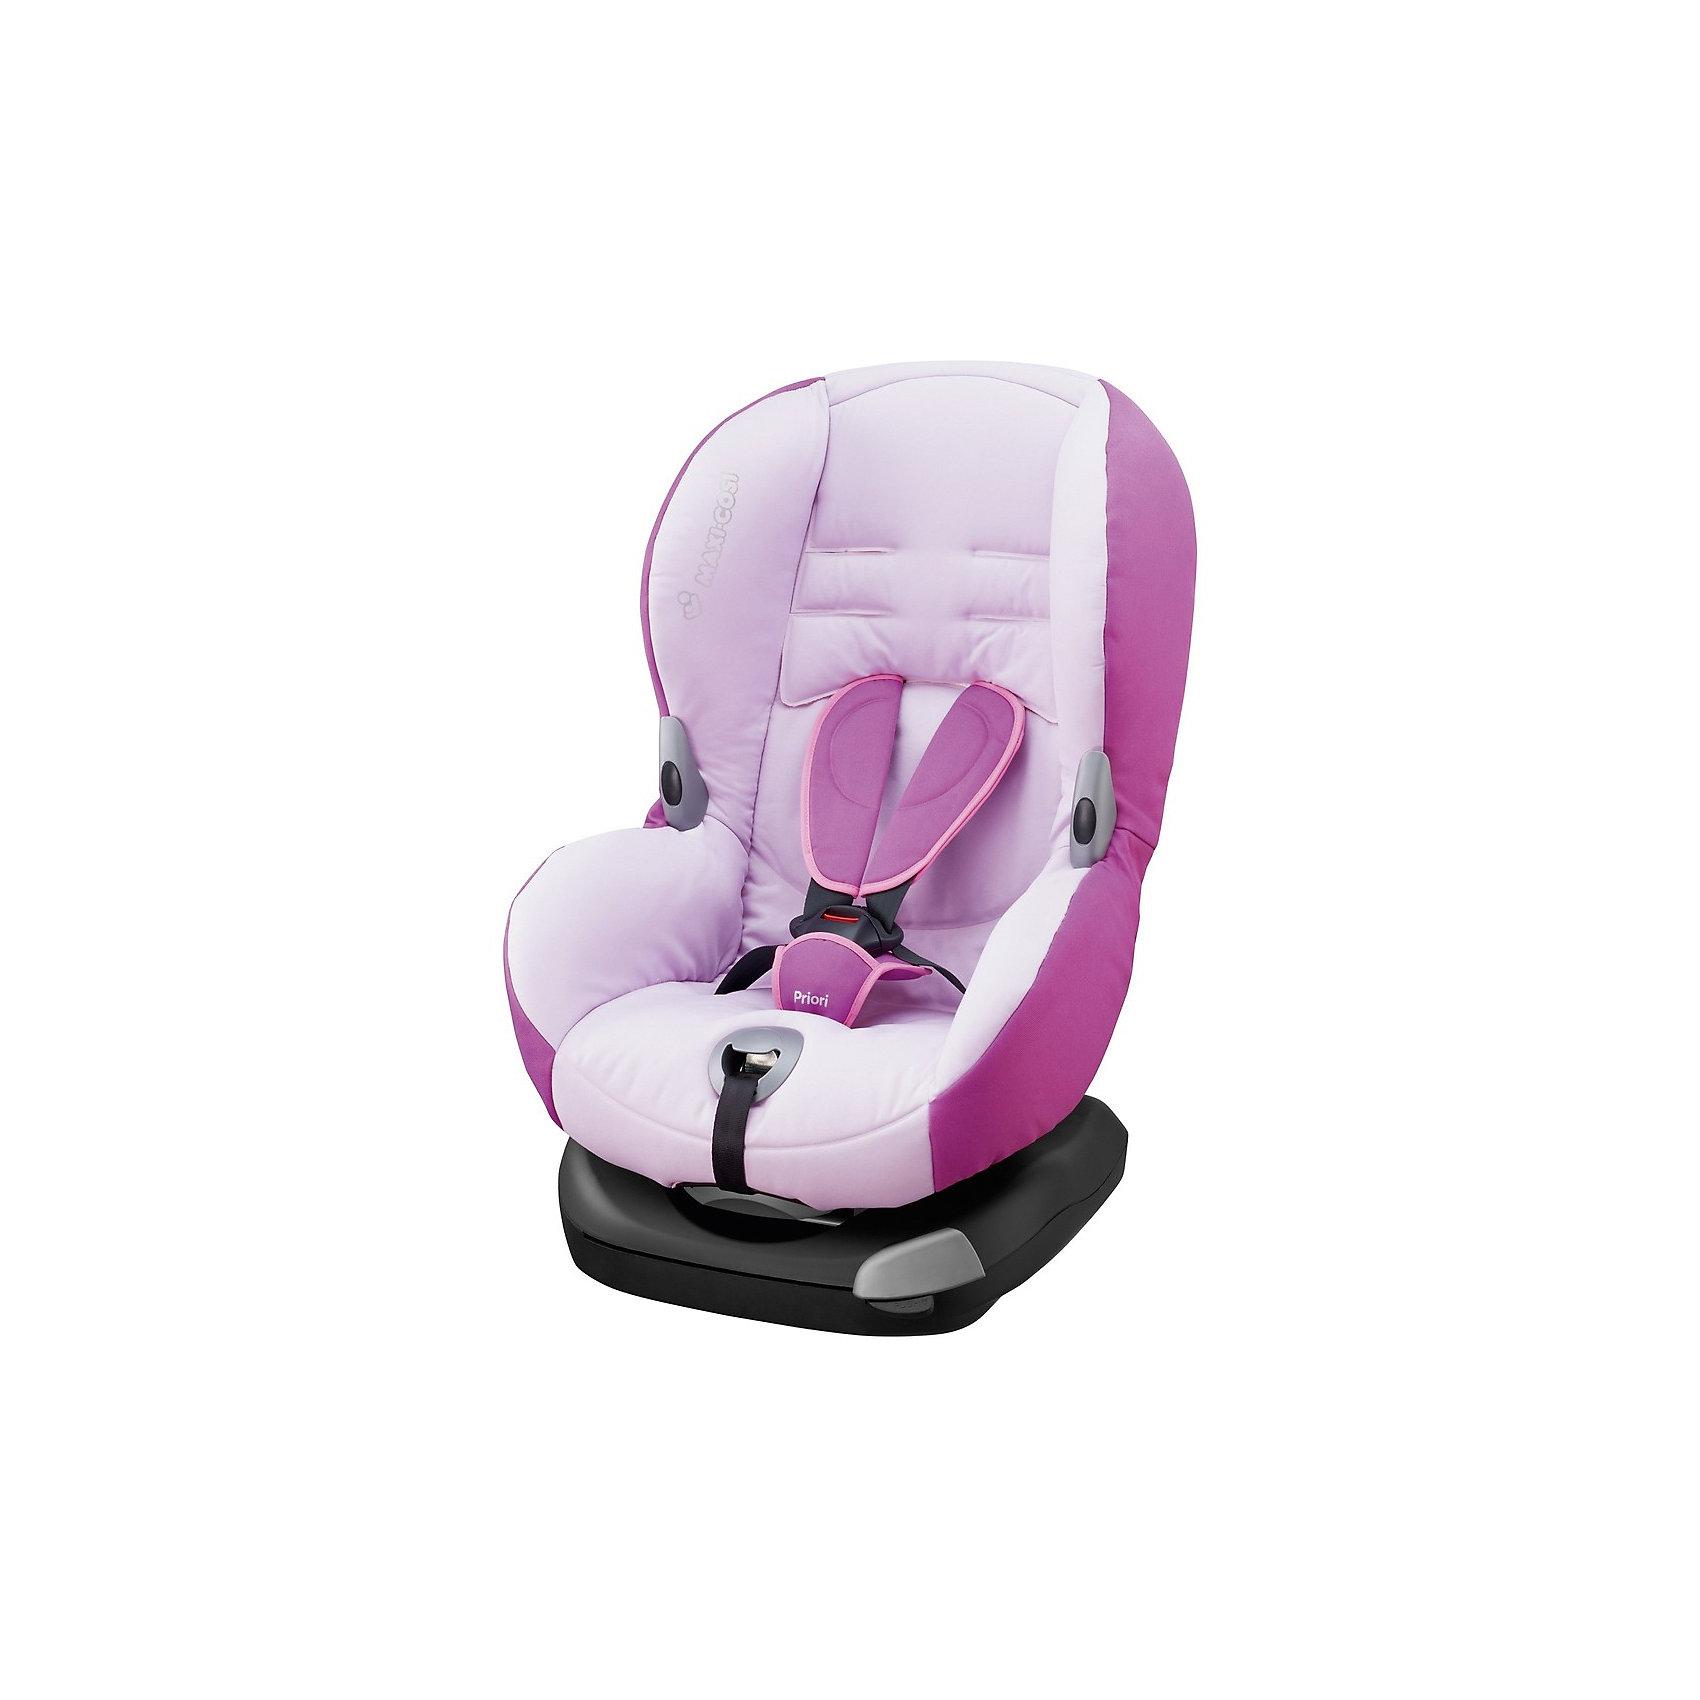 Автокресло Maxi-Cosi Priori ХР 9-18 кг, Marble PinkГруппа 1 (От 9 до 18 кг)<br>Это усовершенствованная модель Maxi-Cosi Priori, которая точно Вам понравится! В кресле изменилась спинка сидения, для большего комфорта, а также добавили механизм натяжения поясной части ремня безопасности автомобиля. Автокресло подойдет для всех типов автомобиля.<br><br>Особенности:<br>- Устанавливается по ходу движения.<br>- Фиксируется штатными ремнями безопасности.<br>- Централизованная система натяжения внутренних ремней безопасности.<br>- Пяти точечные точечные ремни безопасности.<br>- 4 позиции регулировки спинки.<br>- Оборудовано специальными крючками для ремней и удобной выдвижной пряжкой.<br>- Можно стирать.<br><br>Дополнительная информация:<br><br>- Возраст: от 9 месяцев до 4 лет. ( от 9 до 18 кг.)<br>- Цвет: Marble Pink.<br>- Материал: пластмасса, текстиль.<br>- Размер: 50х43х64 см.<br>- Вес в упаковке: 9.2 кг.<br><br>Купить автокресло Priori ХР (9-18 кг.) в цвете Marble Pink, можно в нашем магазине.<br><br>Ширина мм: 475<br>Глубина мм: 595<br>Высота мм: 610<br>Вес г: 7250<br>Возраст от месяцев: 4<br>Возраст до месяцев: 48<br>Пол: Унисекс<br>Возраст: Детский<br>SKU: 4975103